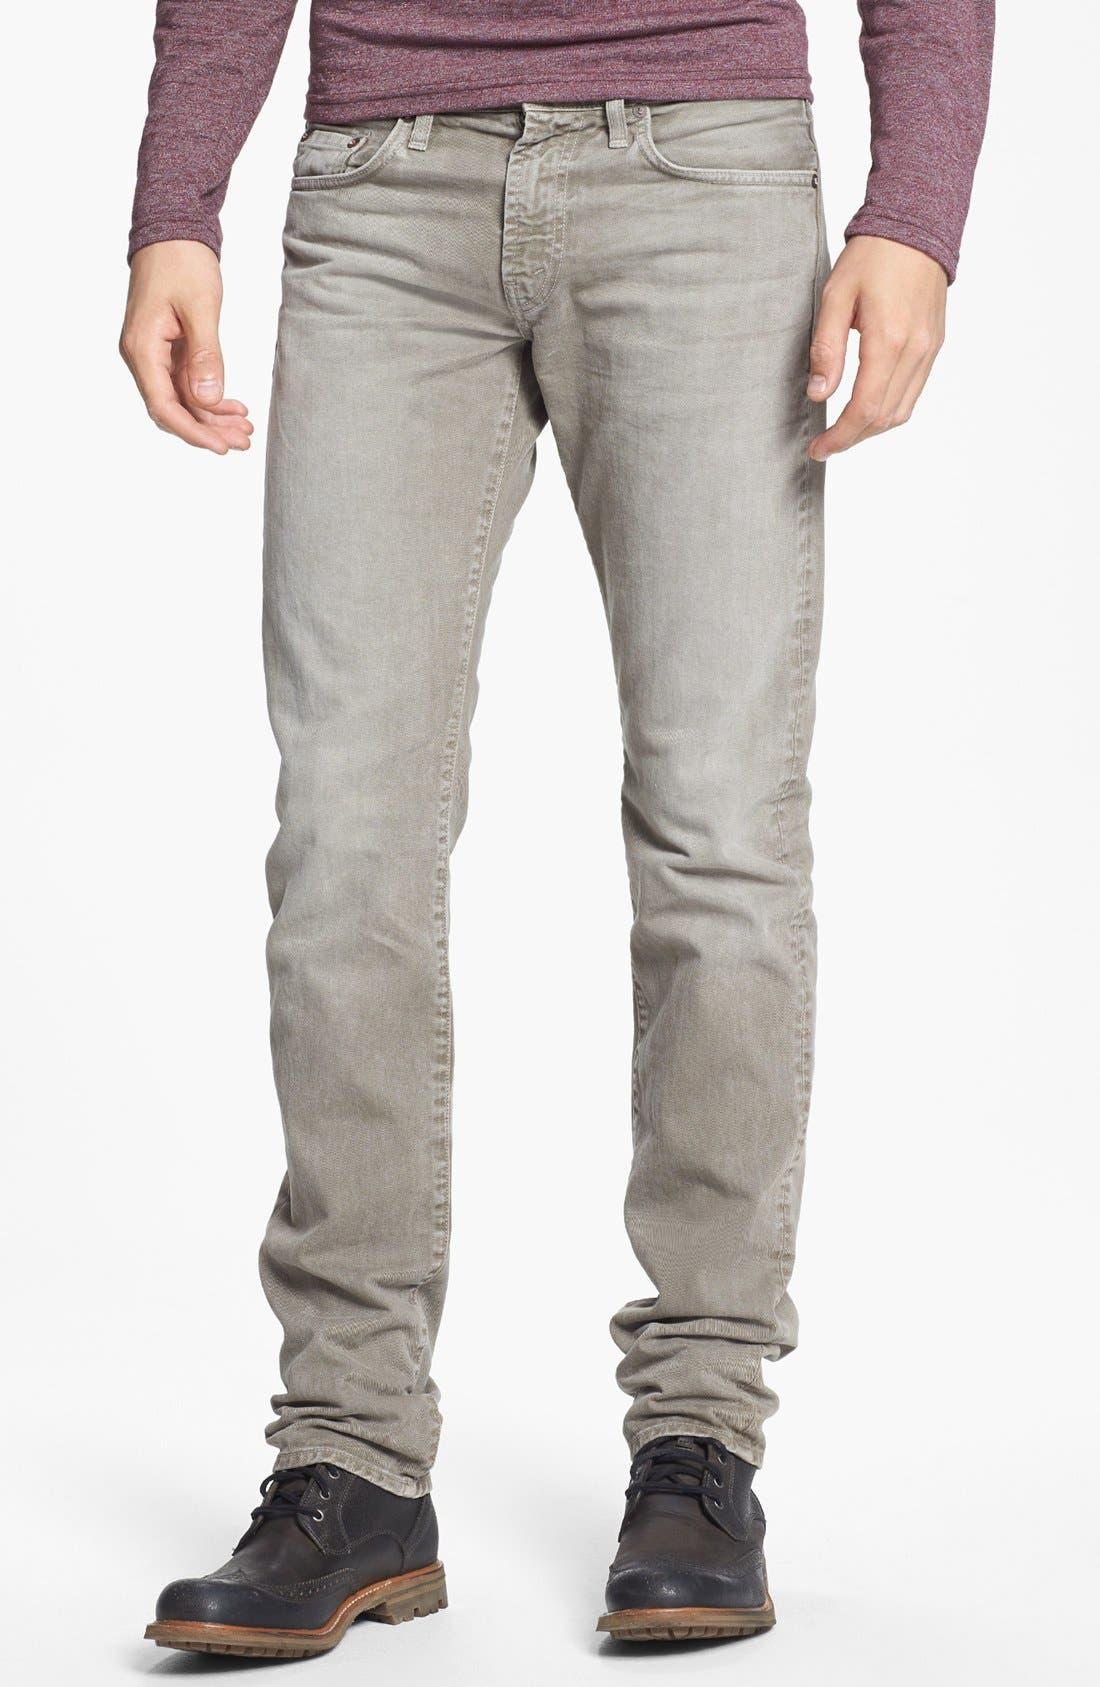 Alternate Image 1 Selected - J Brand 'Kane' Slim Fit Jeans (Washed Boulder)